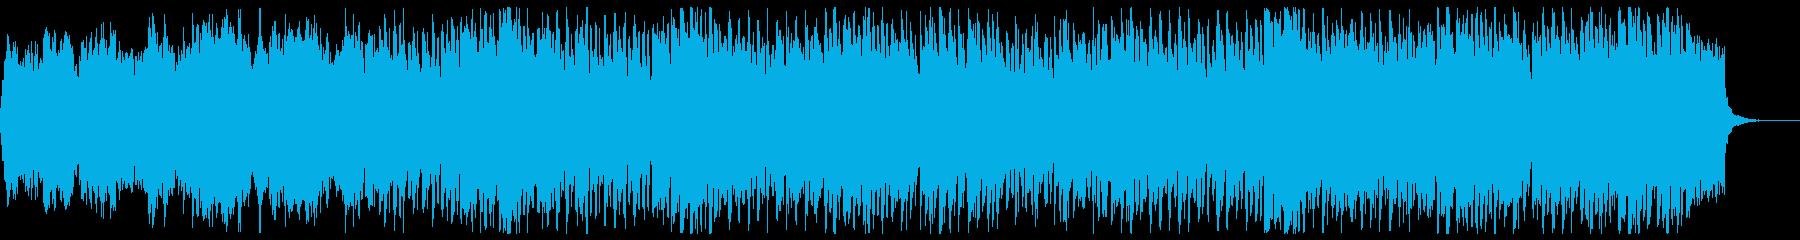 感動系・エンディングに最適なBGMの再生済みの波形